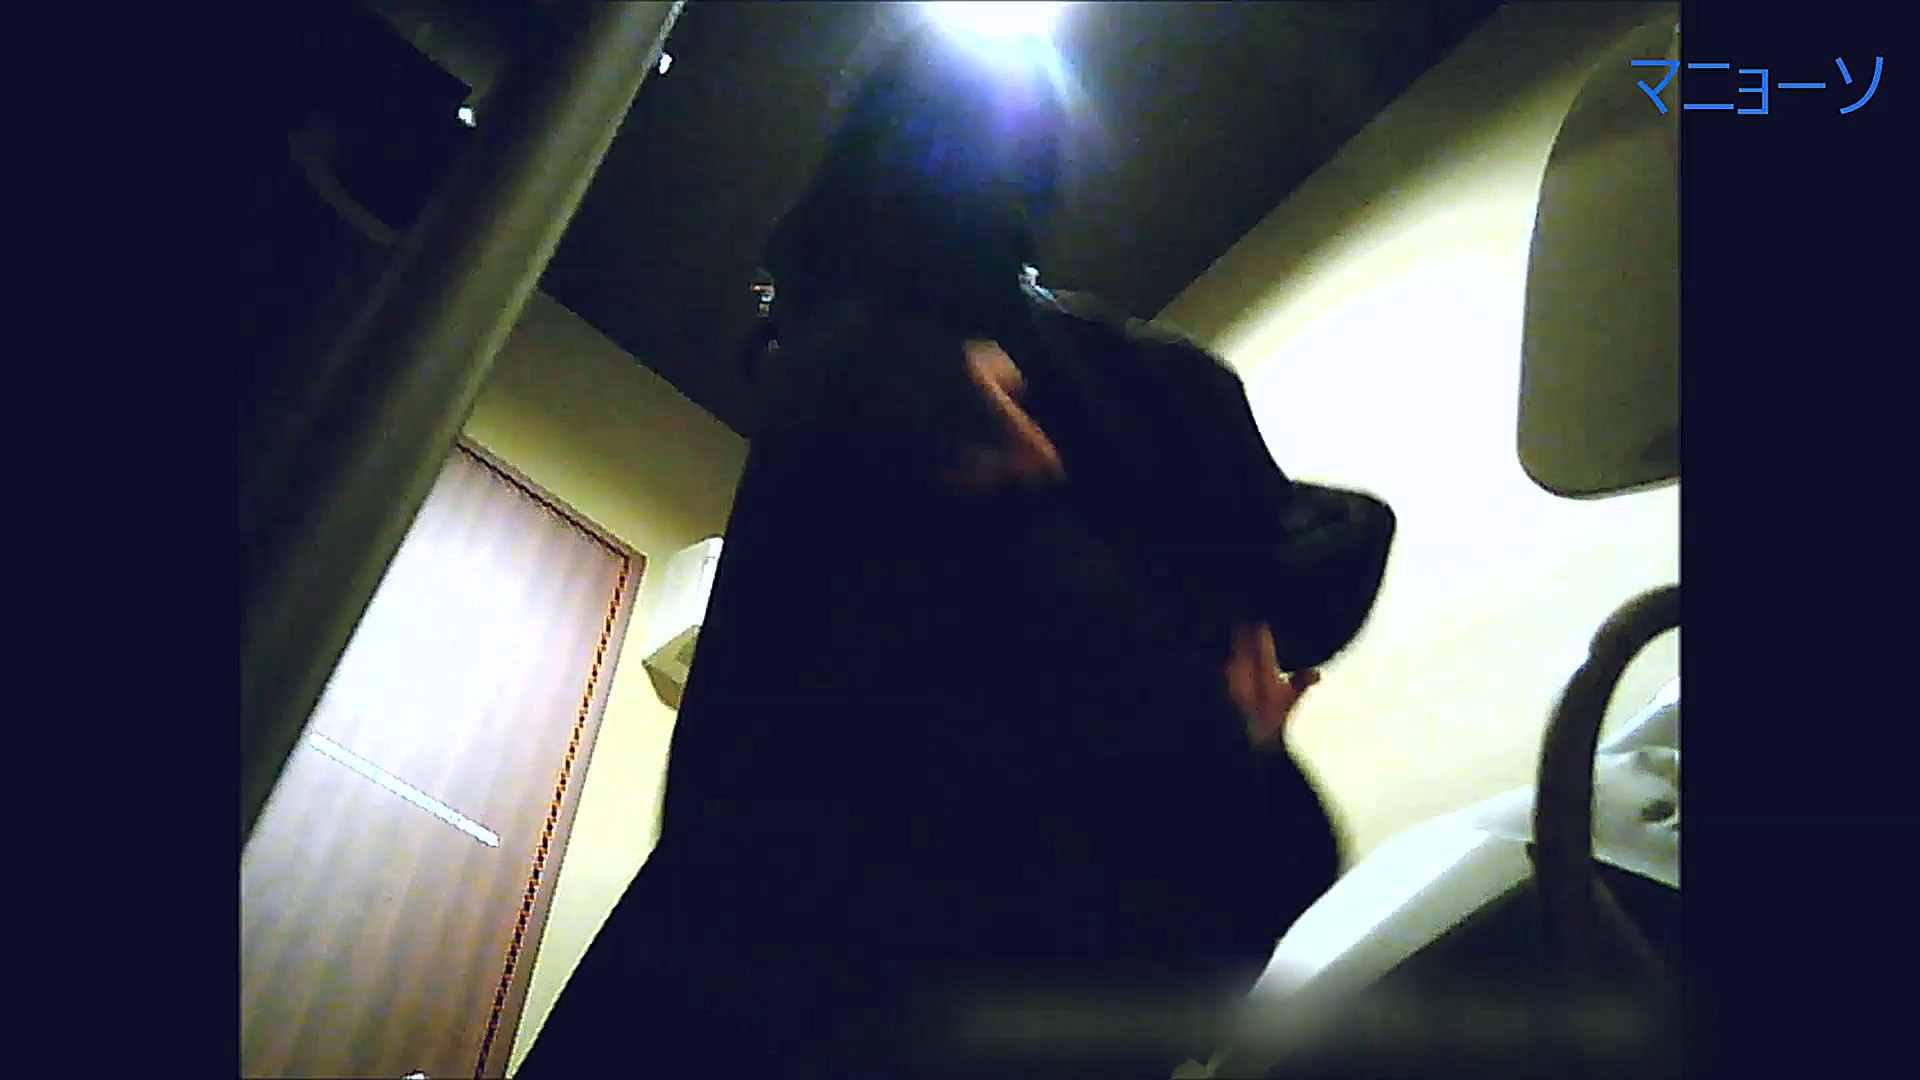 トイレでひと肌脱いでもらいました (OL編)Vol.14 トイレで・・・ エロ画像 109画像 48